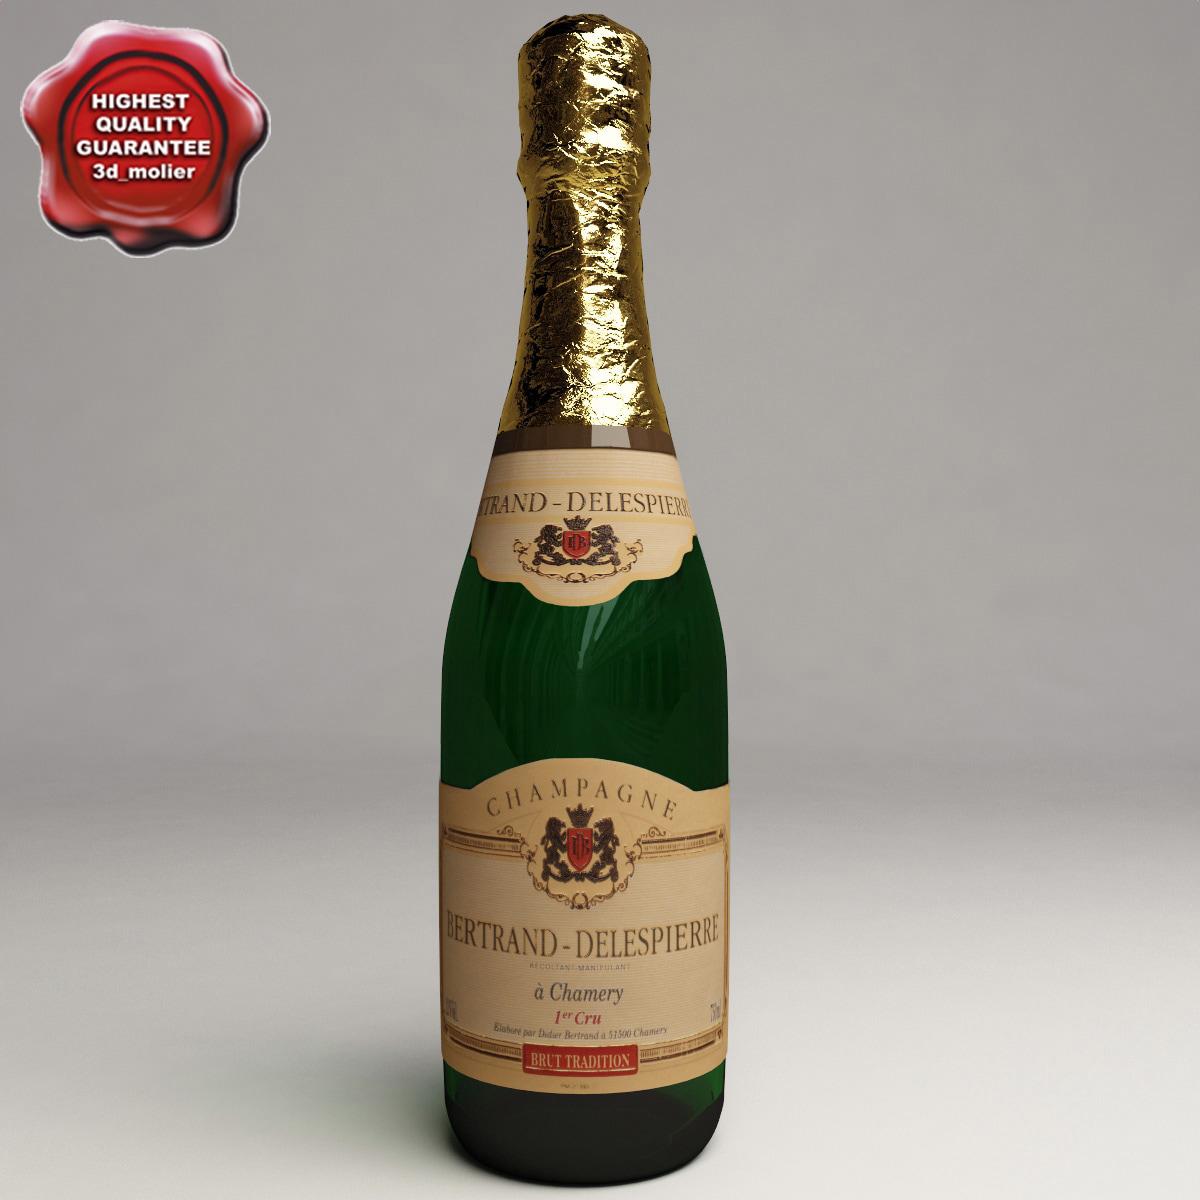 Champagne_Bottle_00.jpg